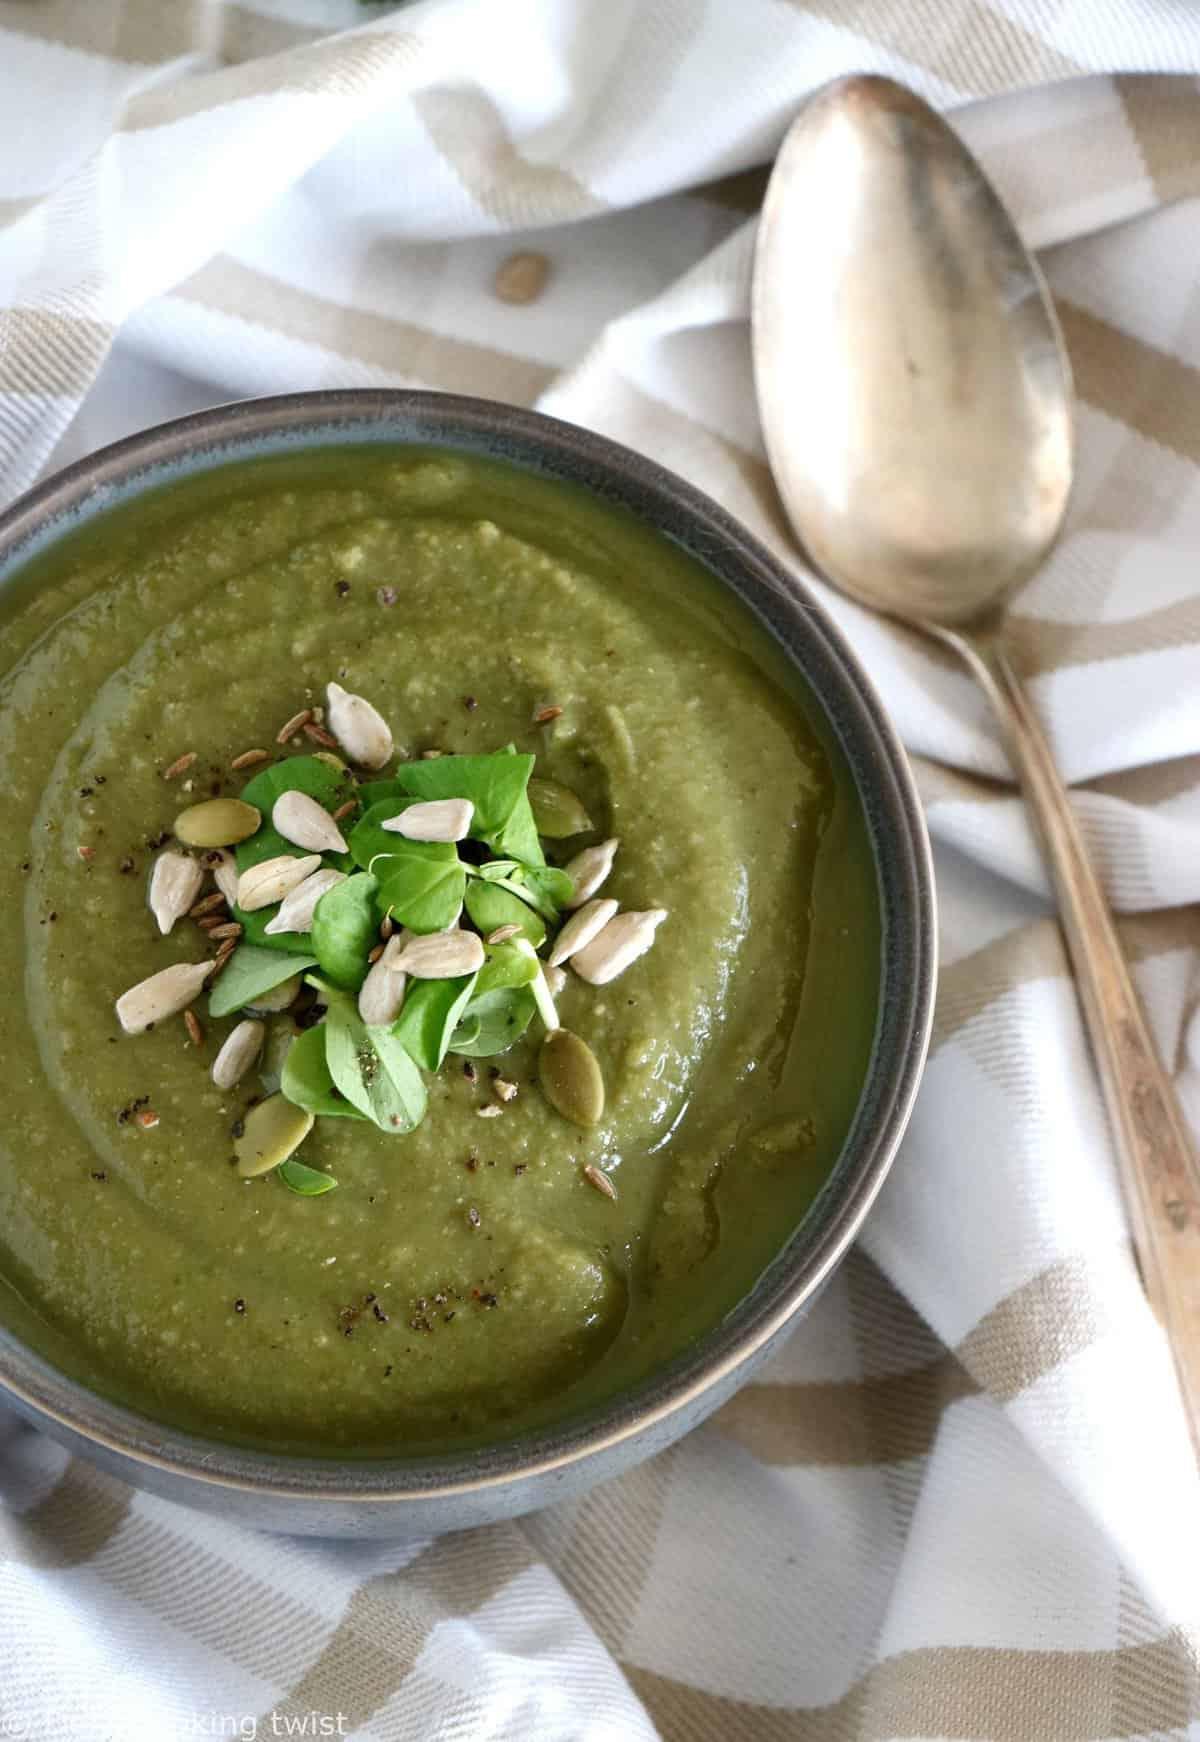 Detox Cumin Broccoli Lentil Soup